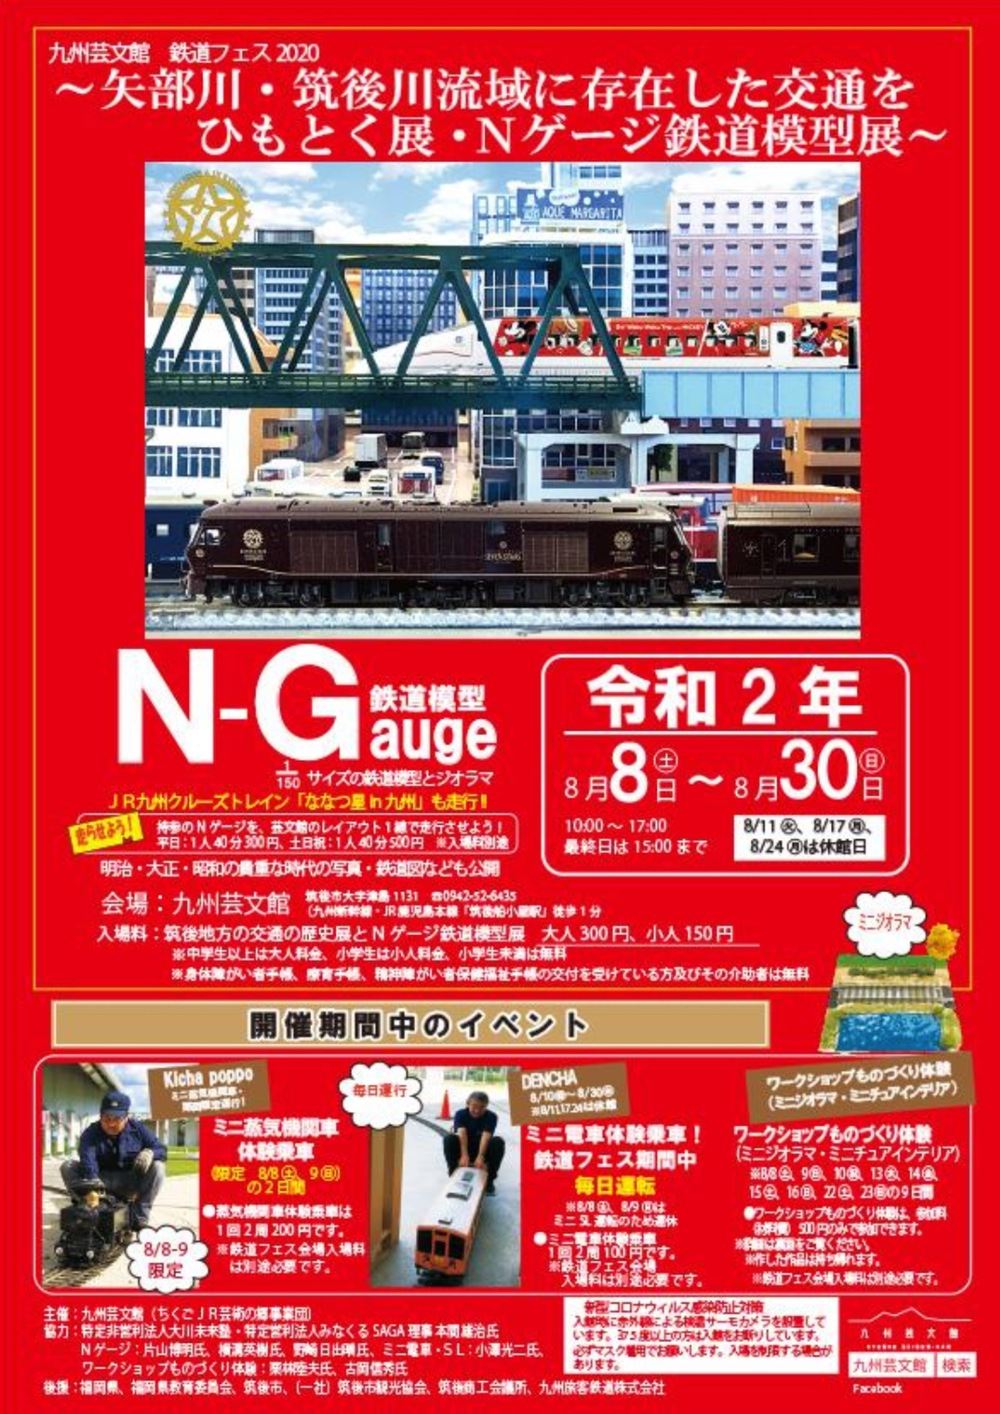 鉄道フェス2020 Nゲージ鉄道模型展 ミニ蒸気機関車・ミニ電車体験乗車